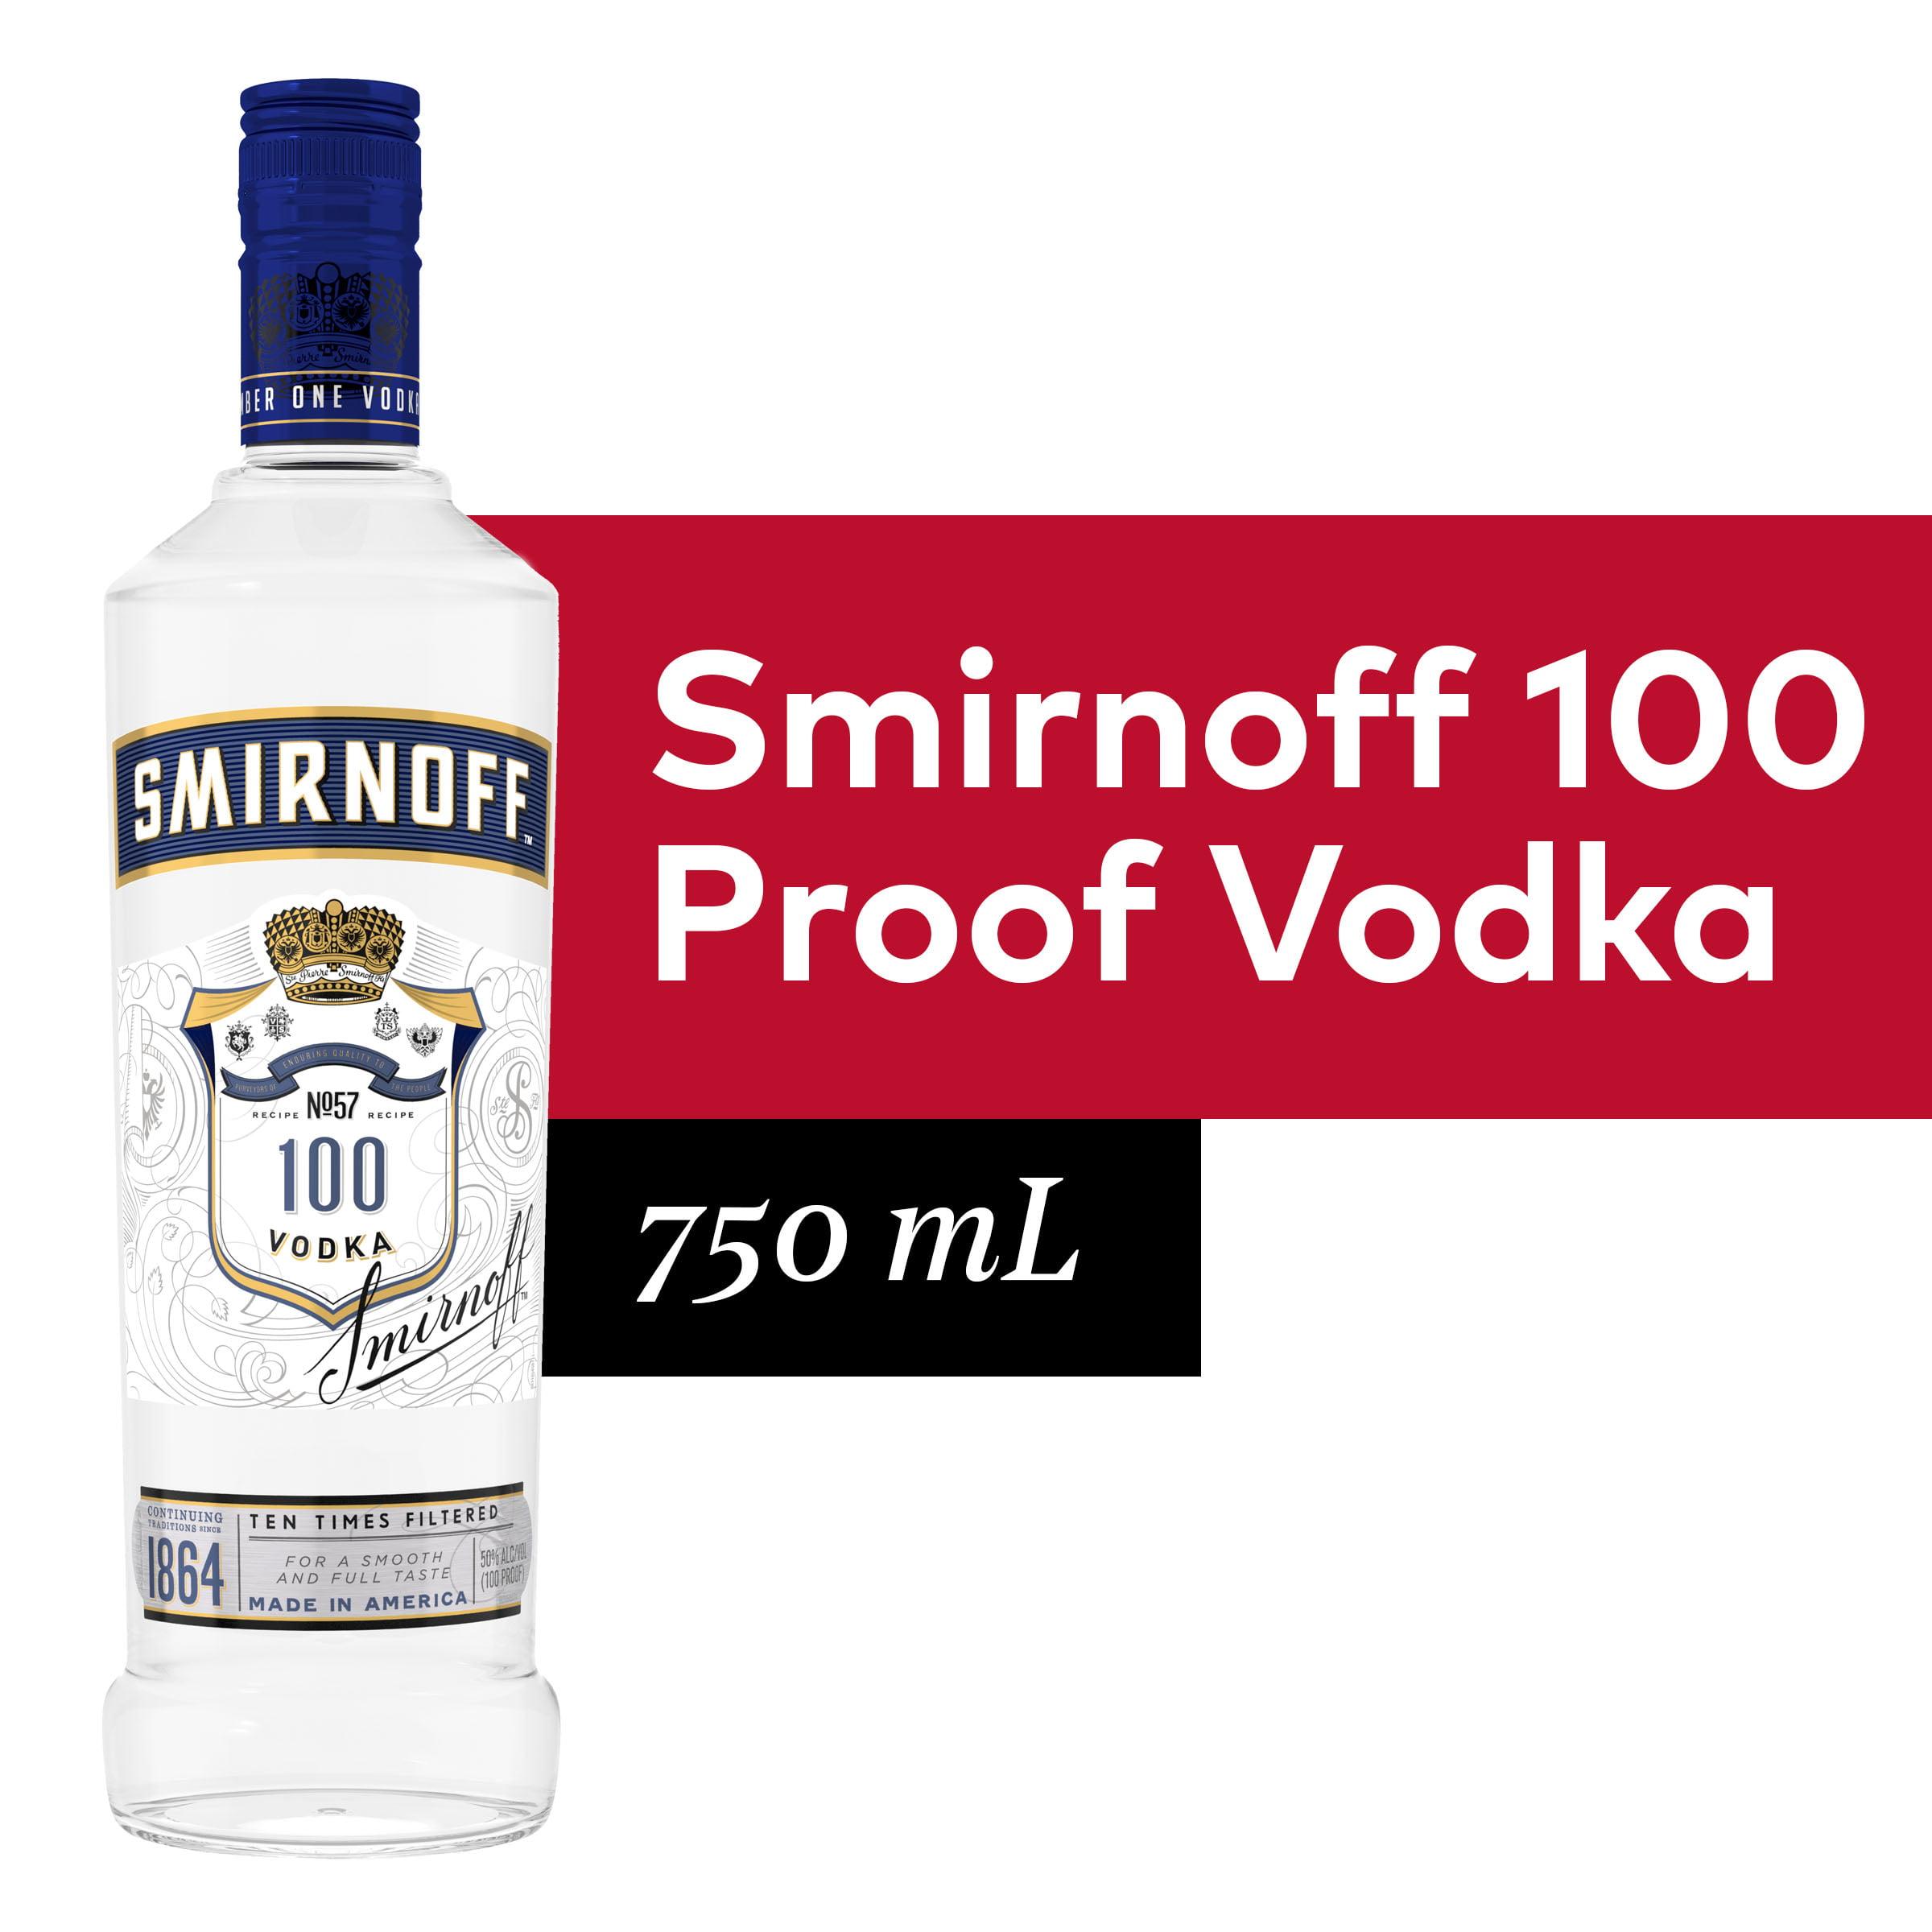 Smirnoff No 57 Award Winning 100 Proof